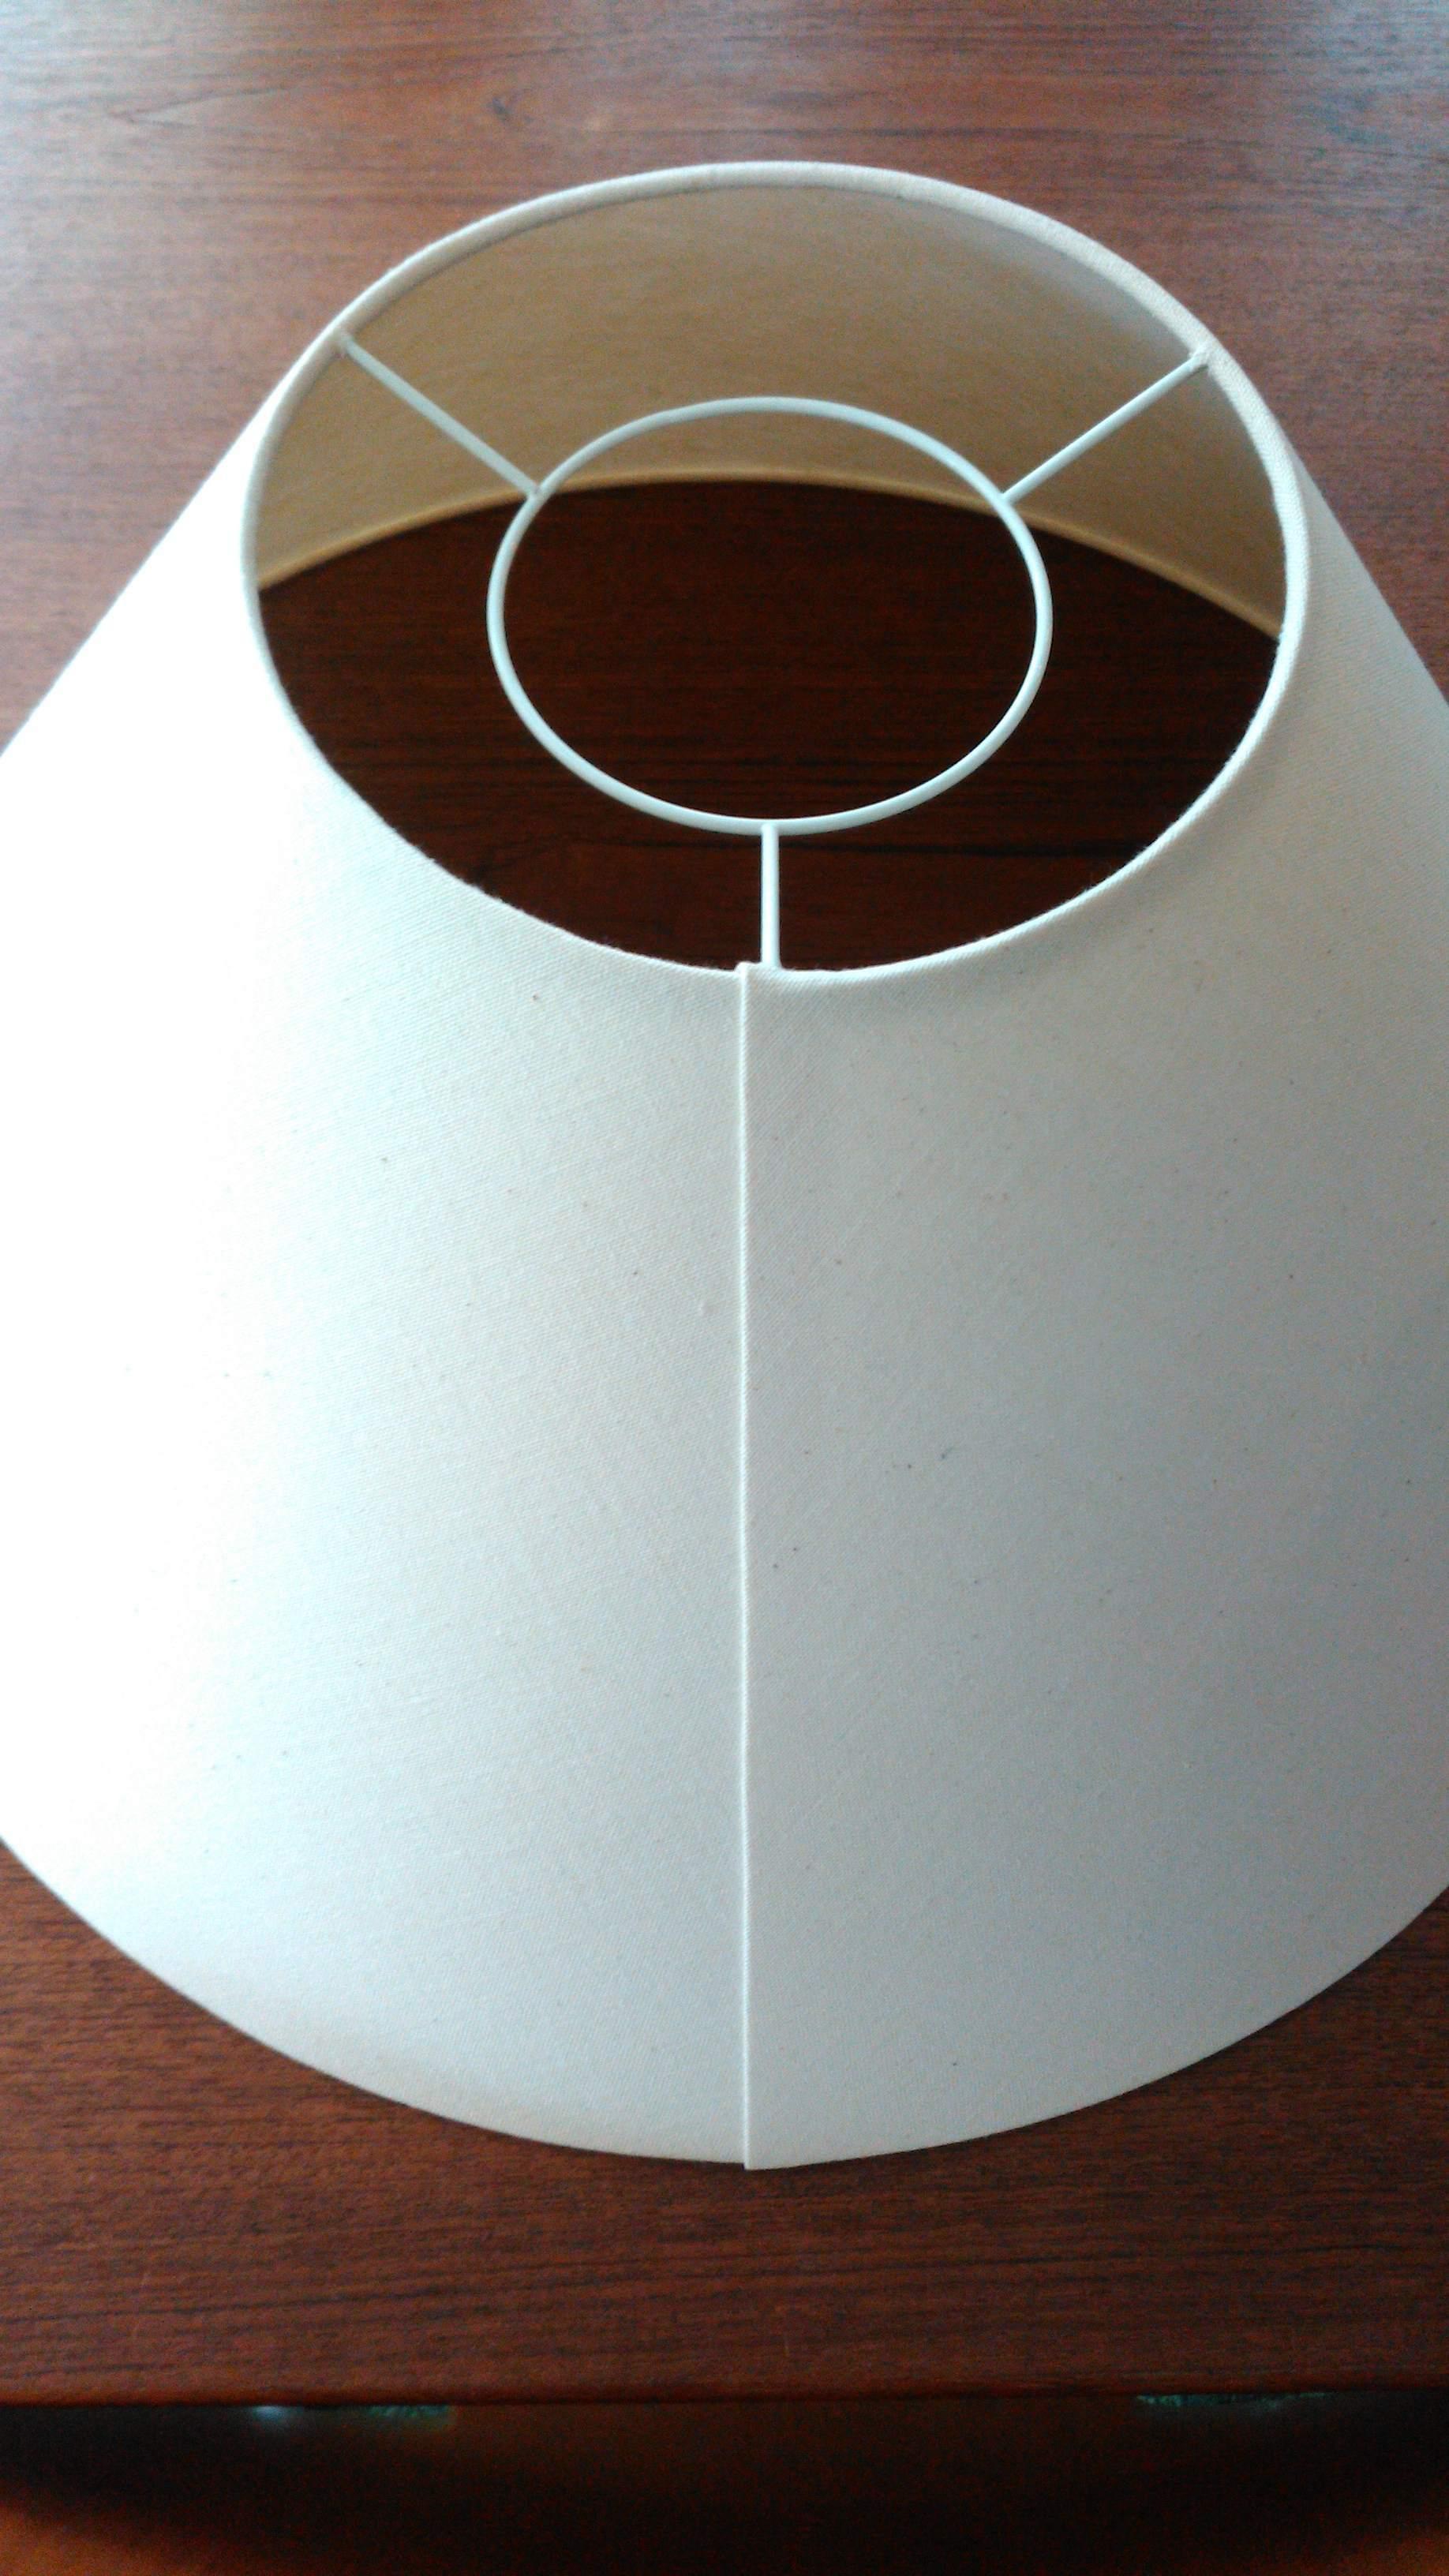 ランプシェード 張替 モリス正規販売店のブライト_c0157866_21214313.jpg